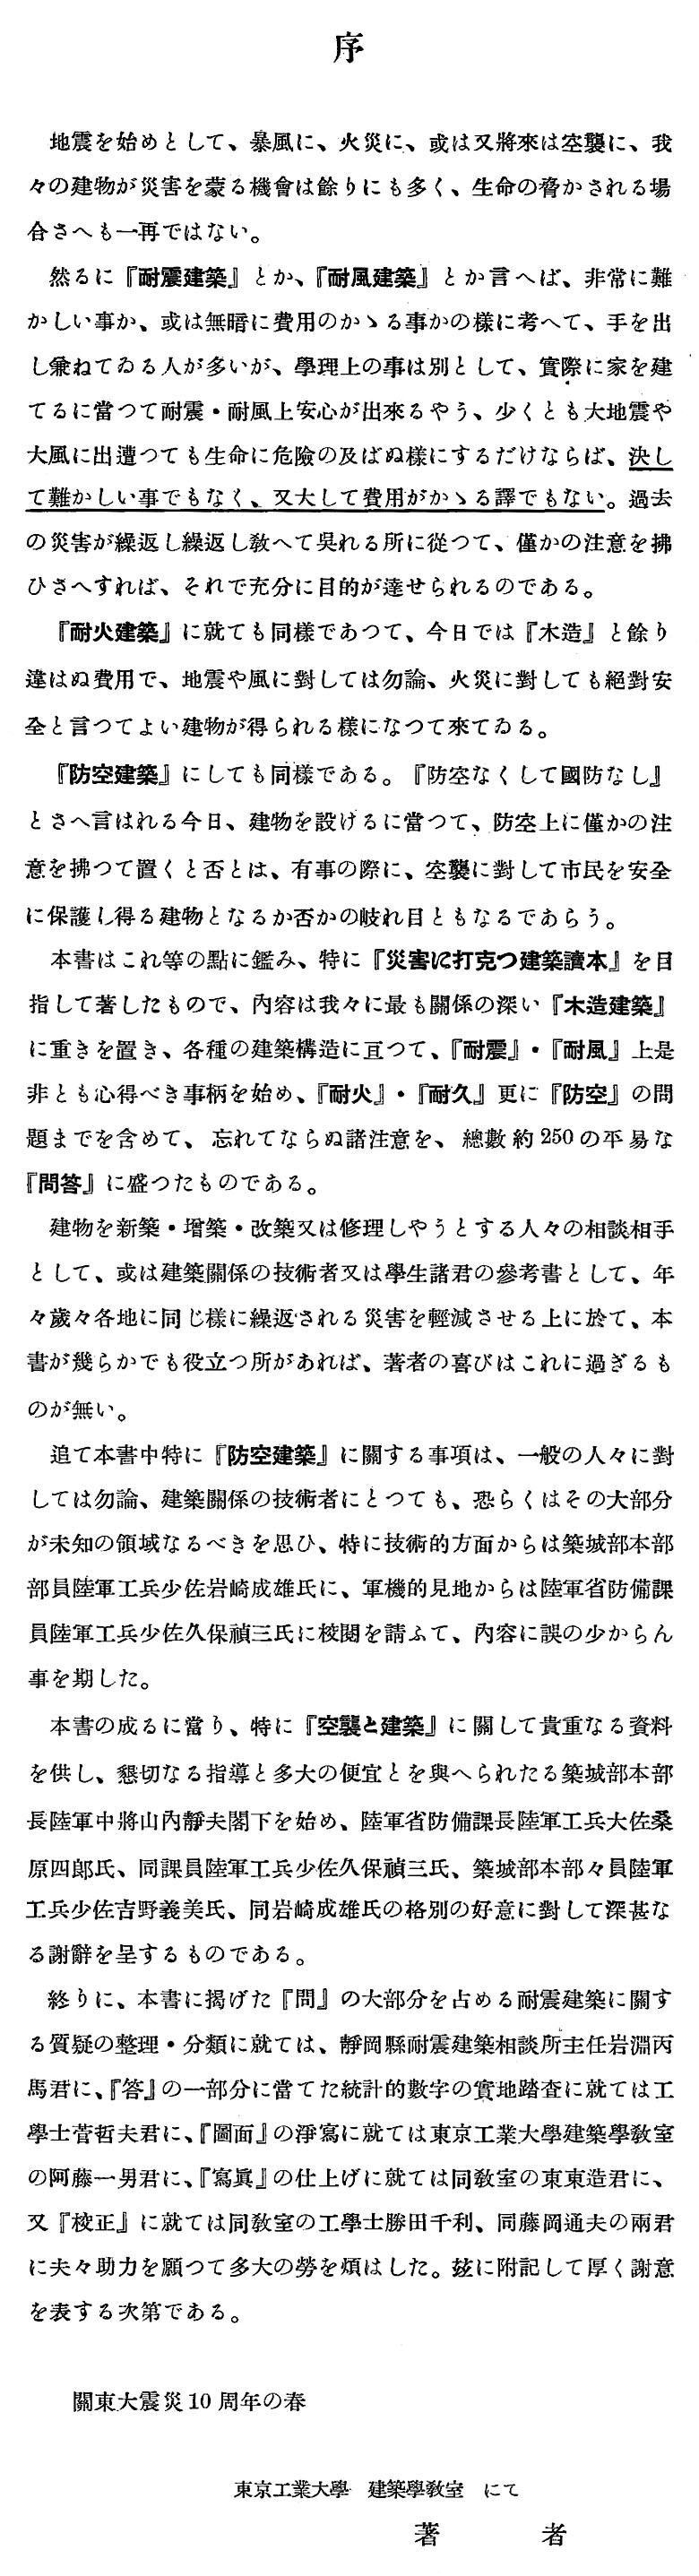 kentiku-mondou_0000jyo-780.jpg